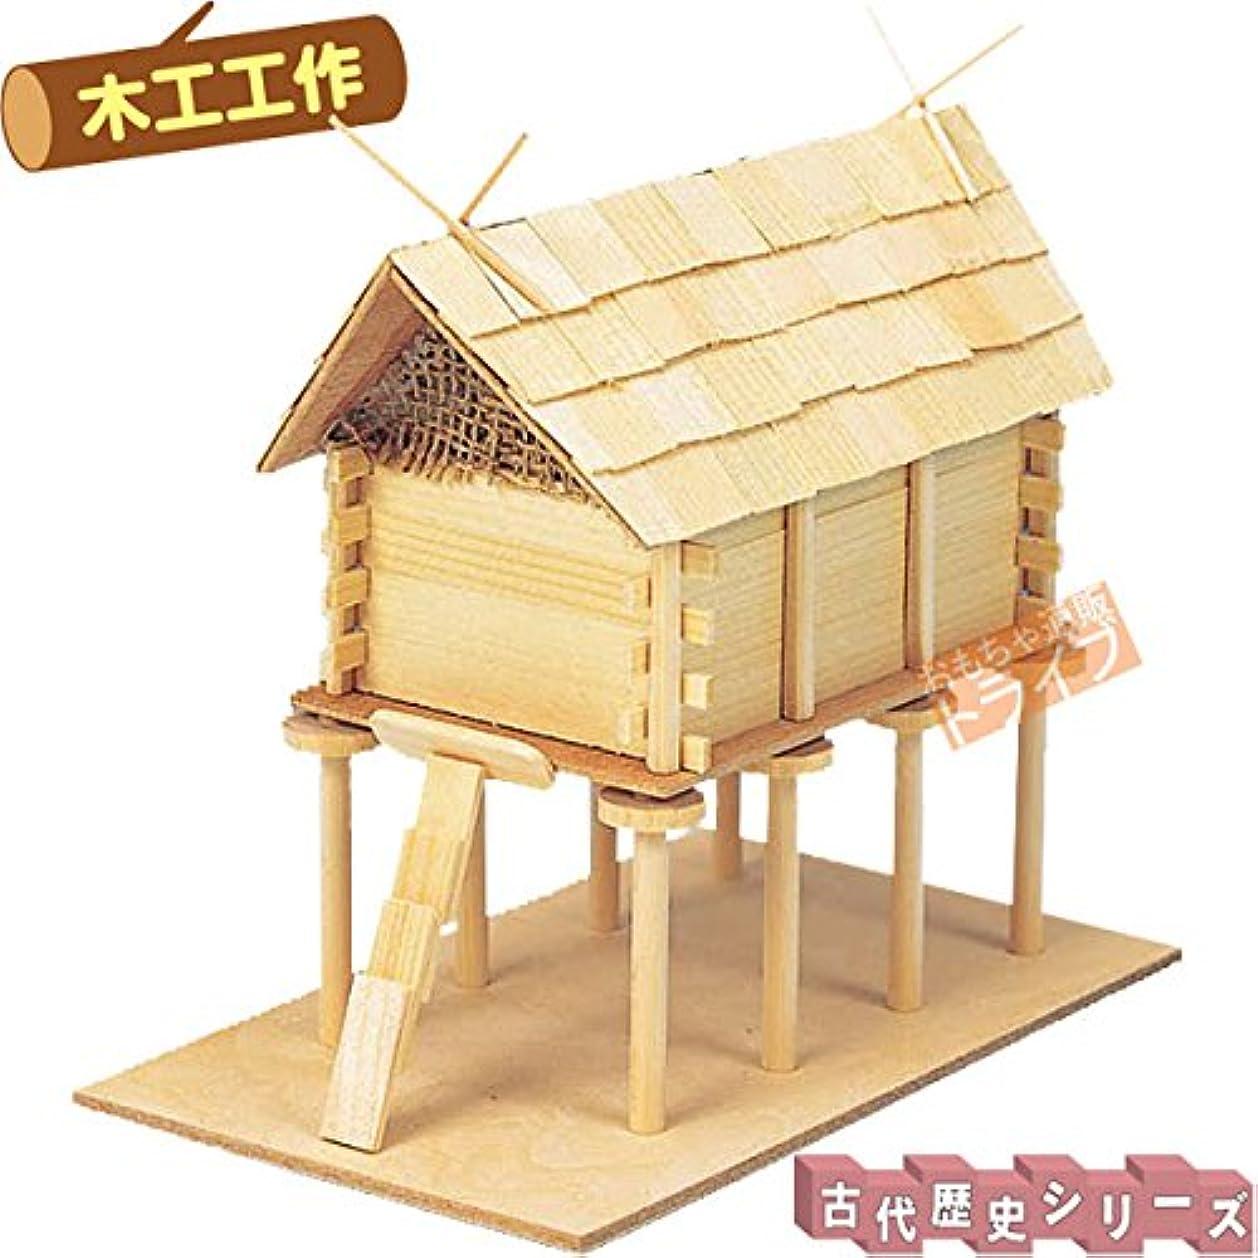 稼ぐ飲食店引き金木製工作キット 世界の家づくりシリーズ 高床式倉 200296